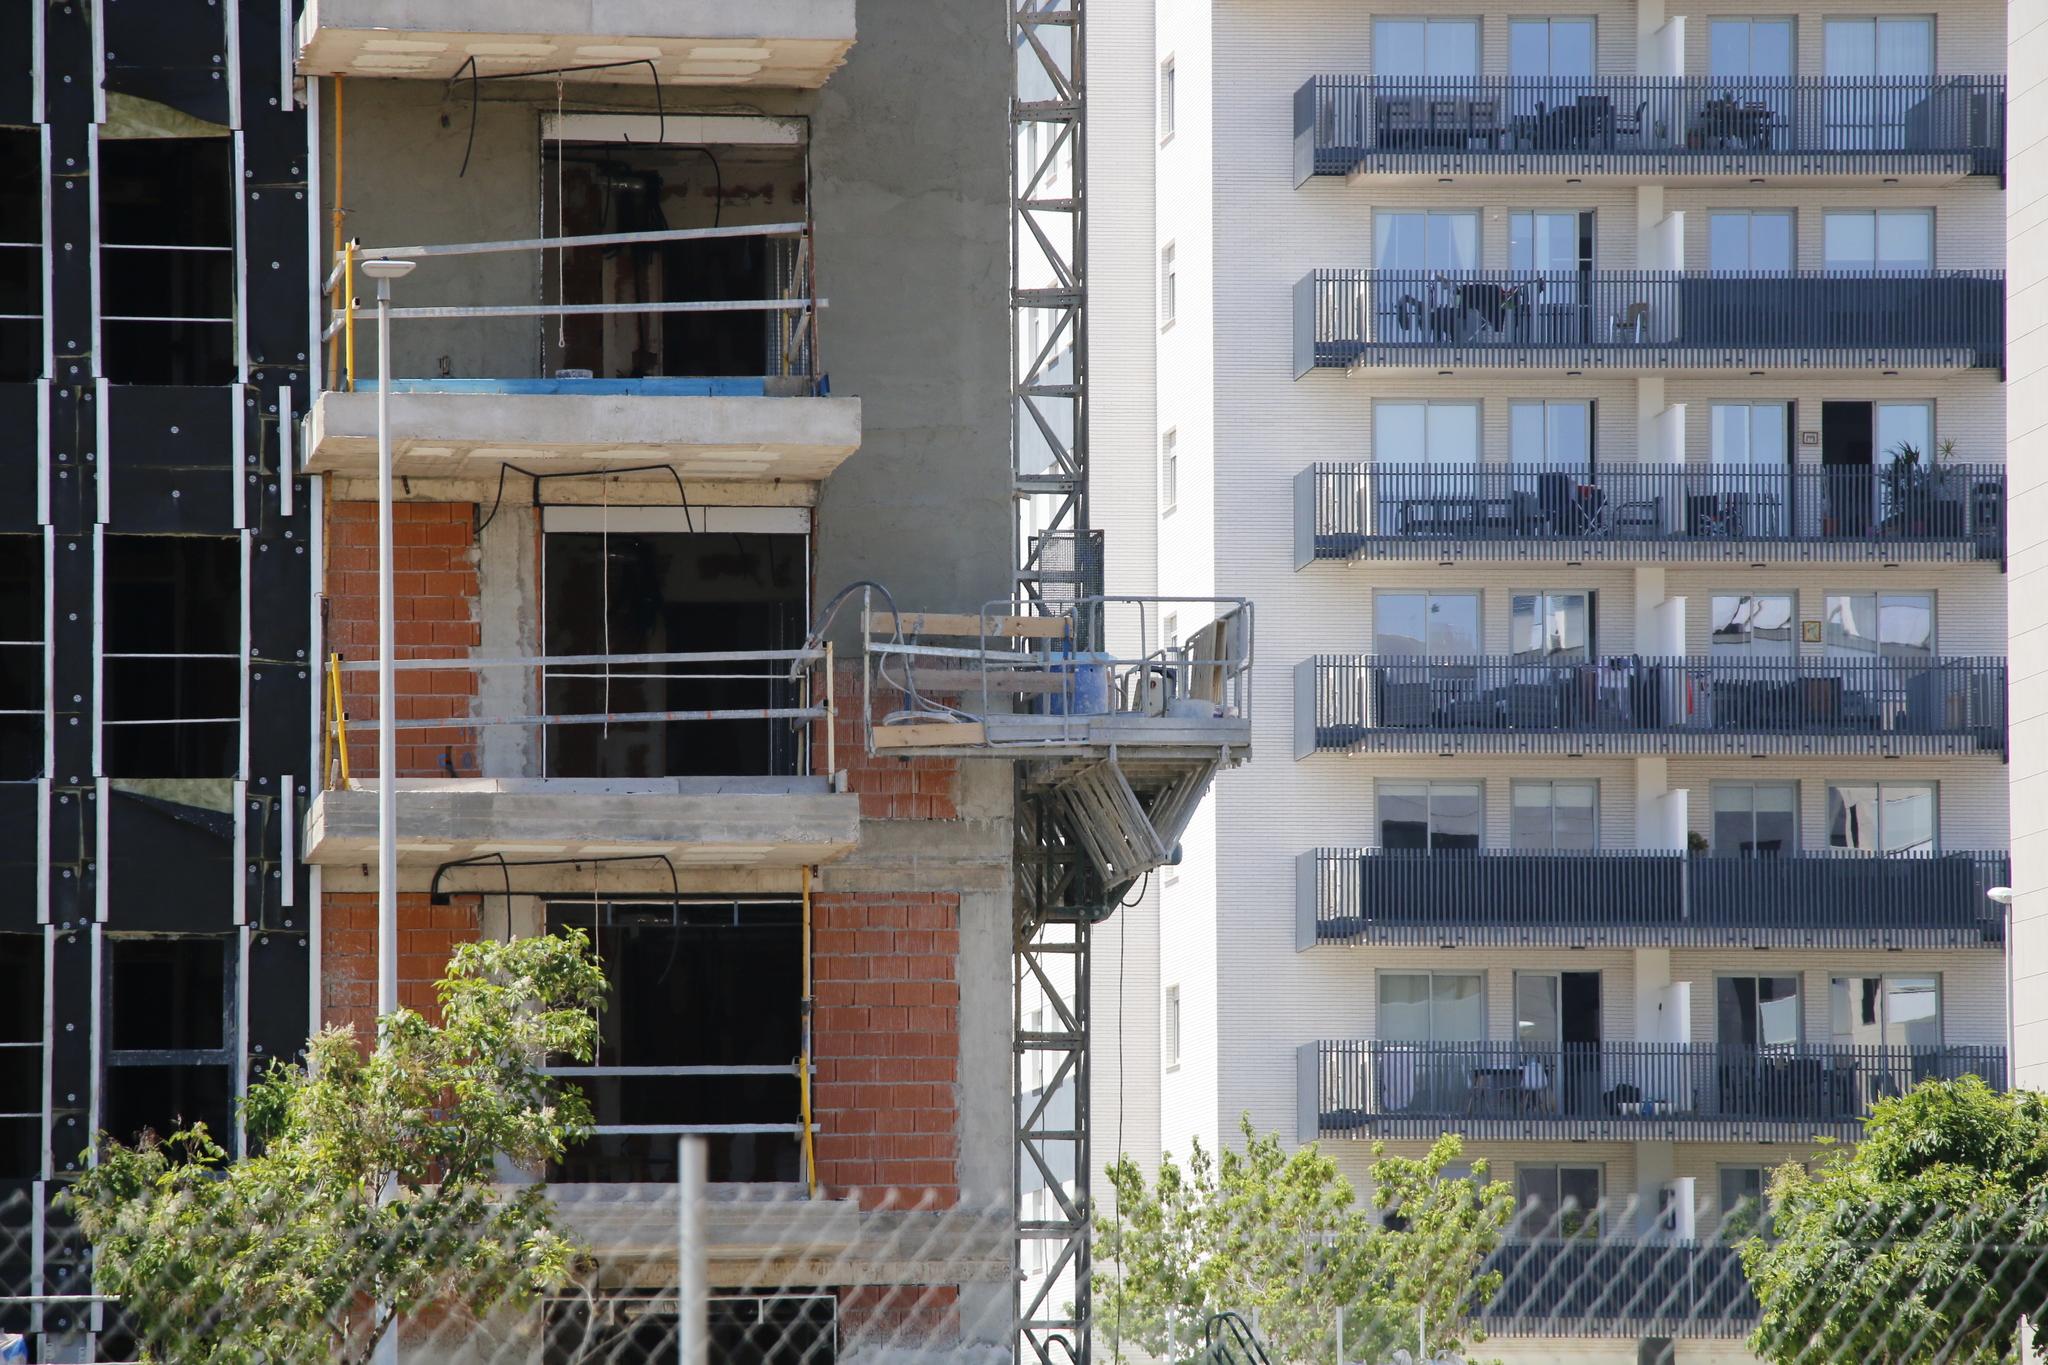 La propuesta de viviendas tendrá en cuenta la eficiencia energética.